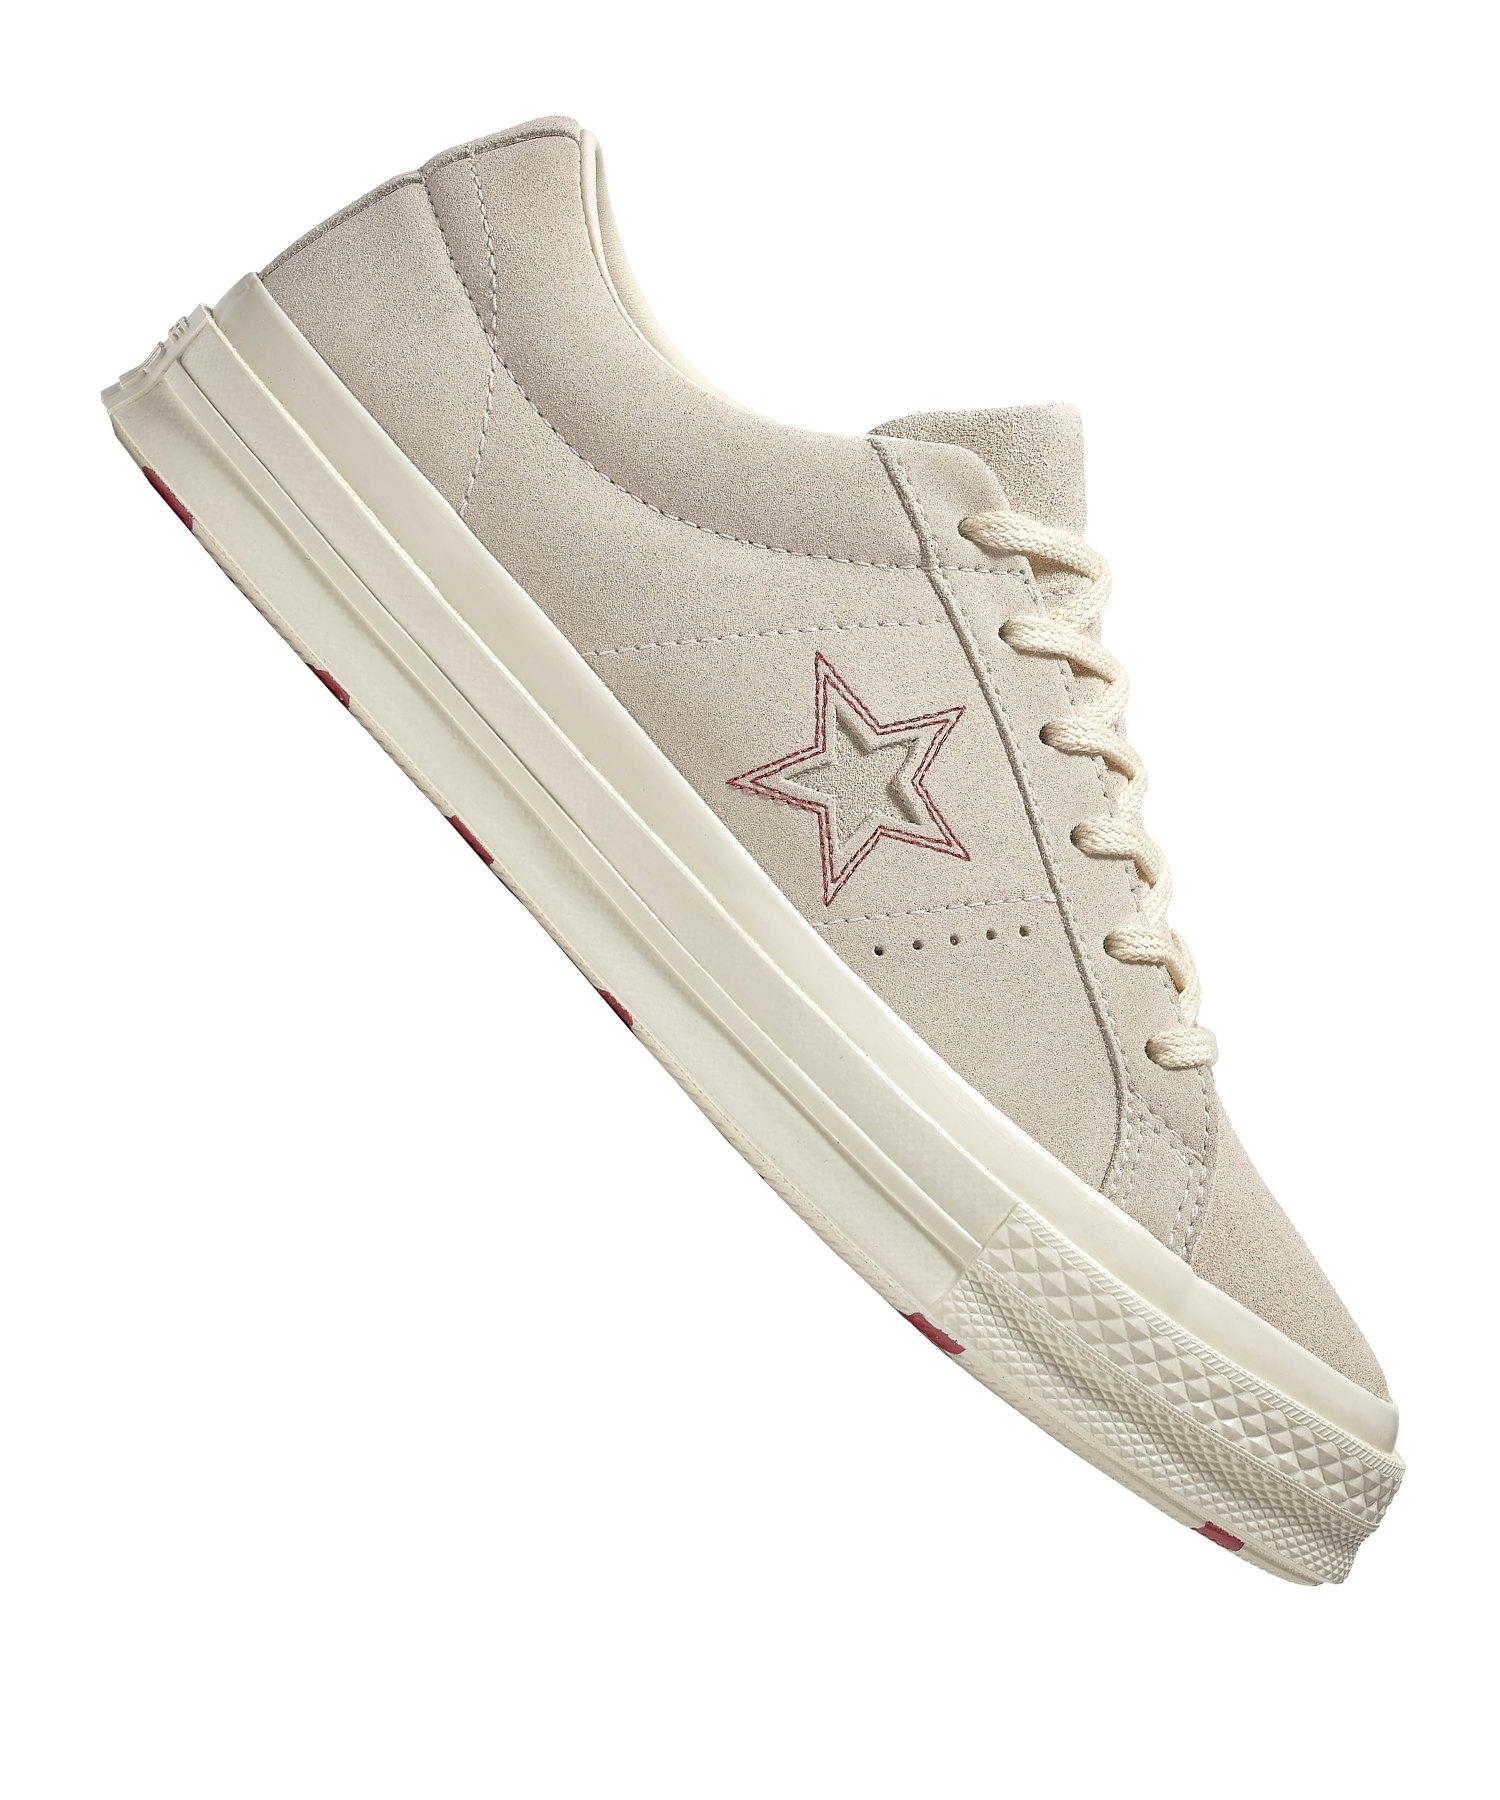 Converse One Star OX Sneaker Damen Beige F281 - beige